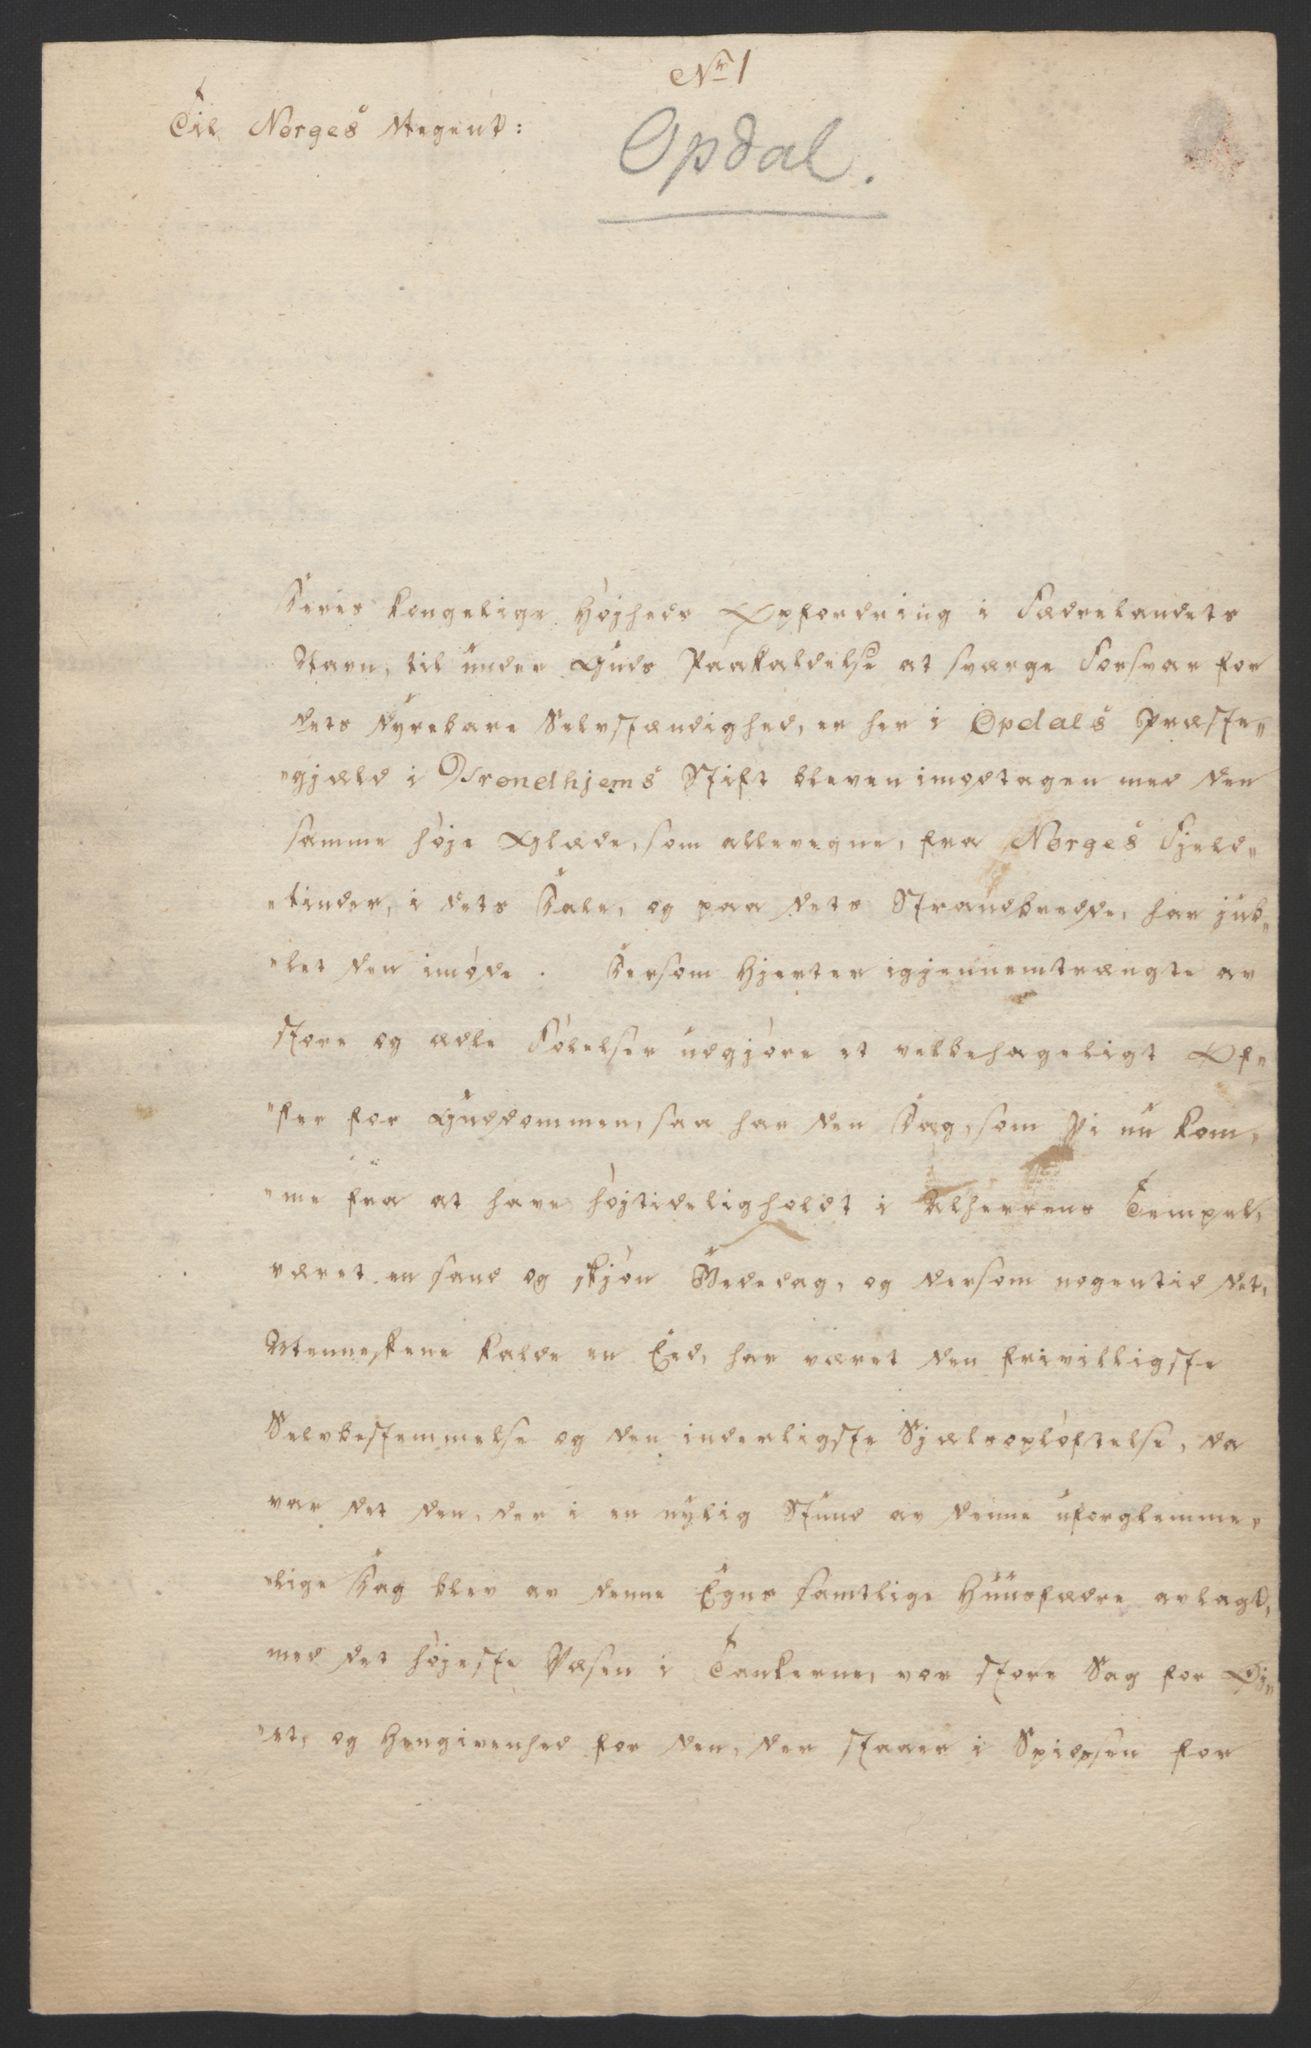 RA, Statsrådssekretariatet, D/Db/L0008: Fullmakter for Eidsvollsrepresentantene i 1814. , 1814, s. 446